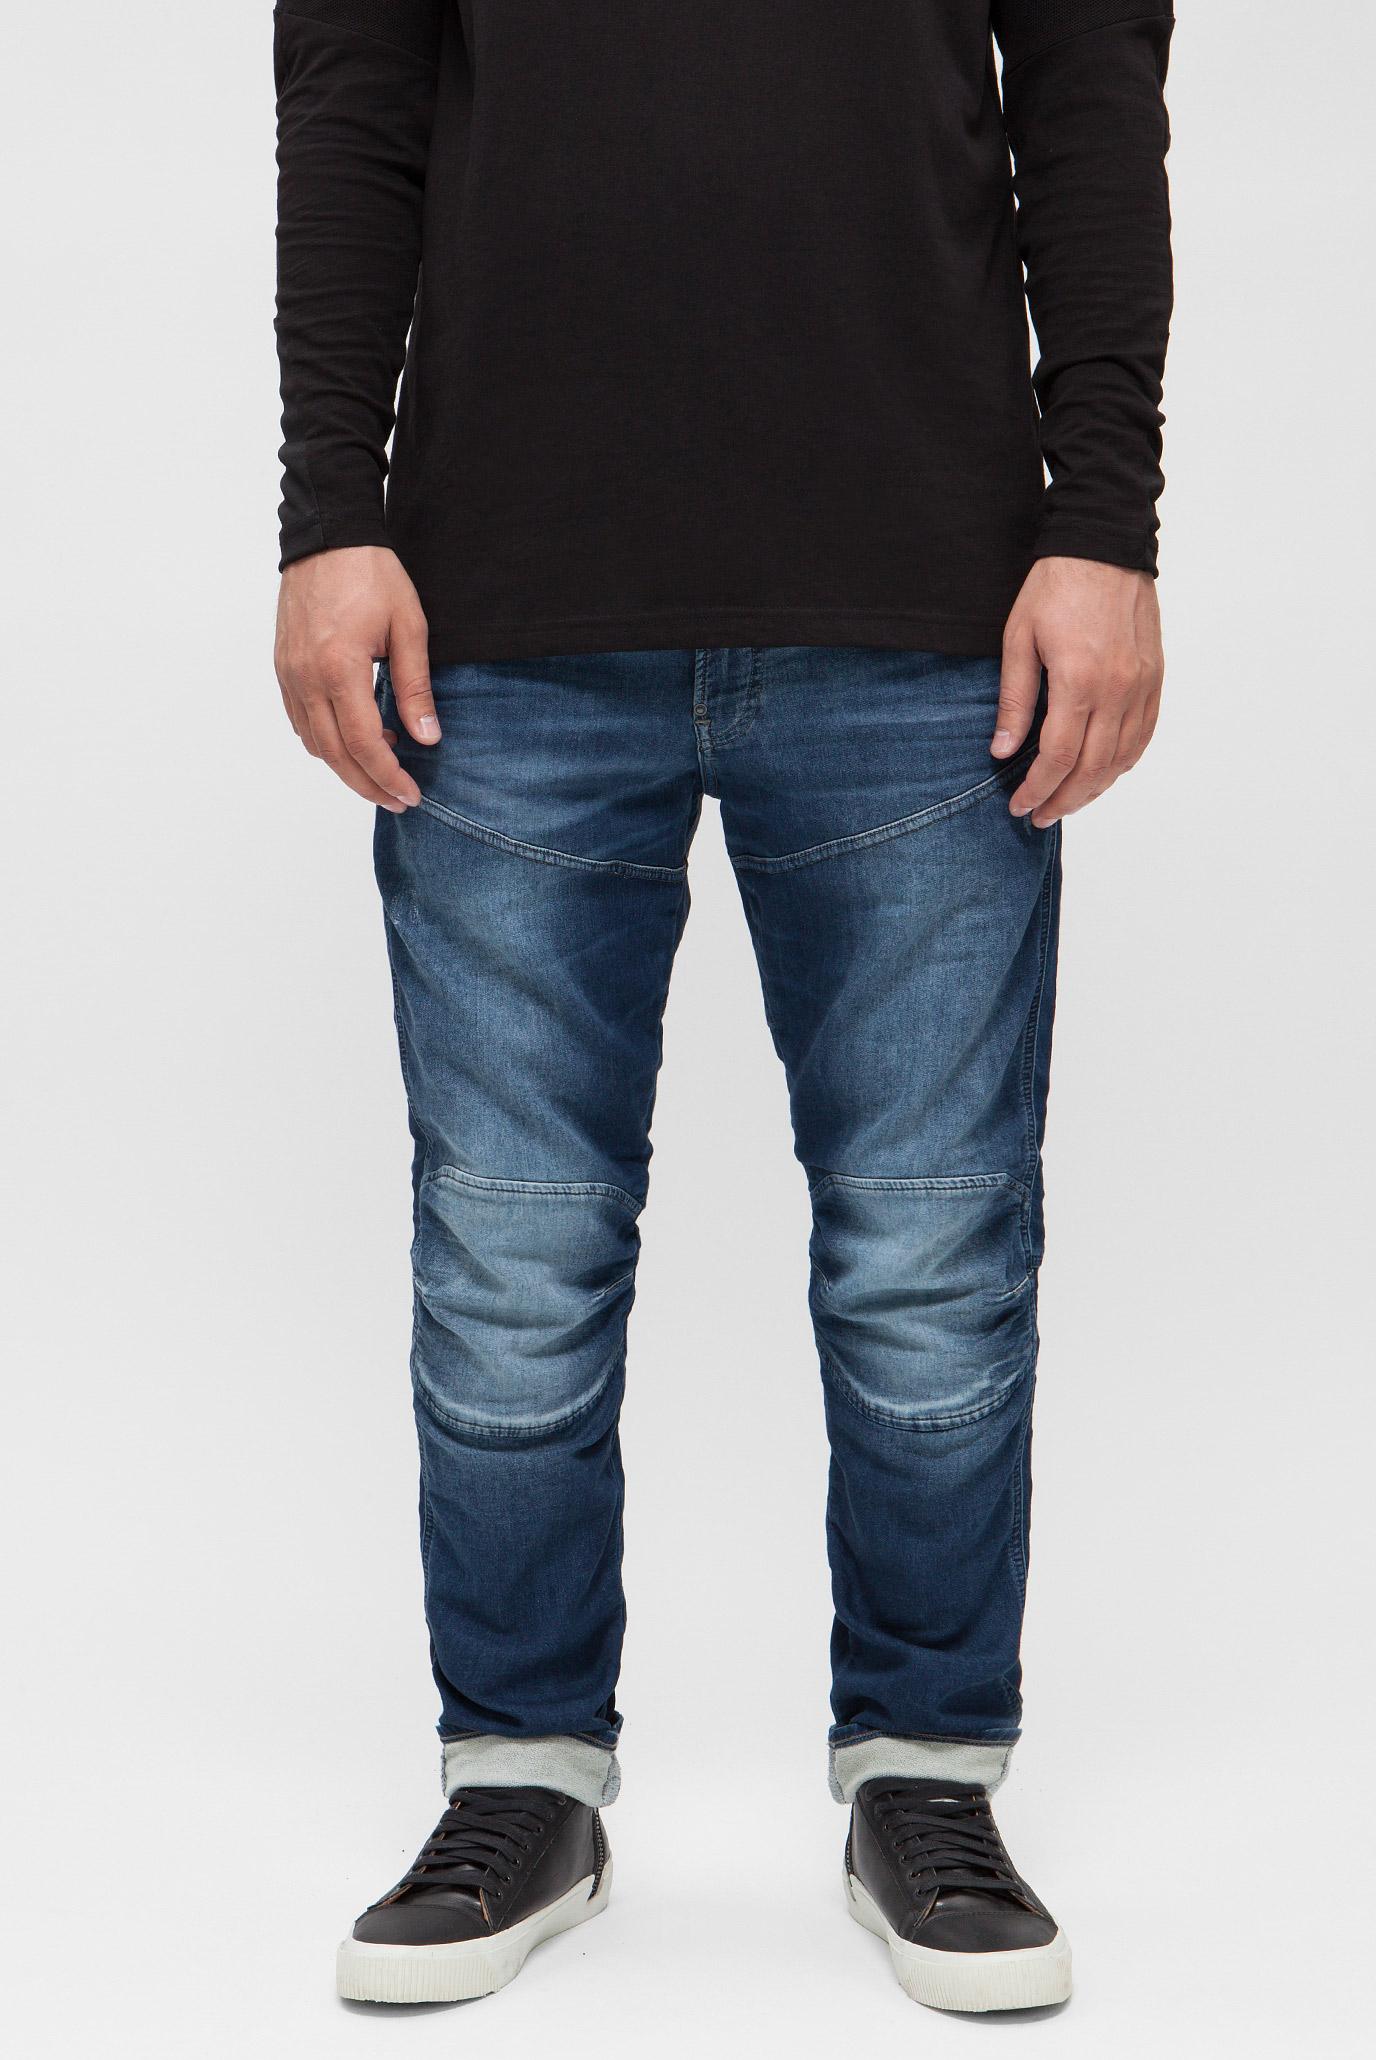 Купить Мужские темно-синие джинсы 5620 3D Sport Straight Tapered G-Star RAW G-Star RAW D09159,9487 – Киев, Украина. Цены в интернет магазине MD Fashion